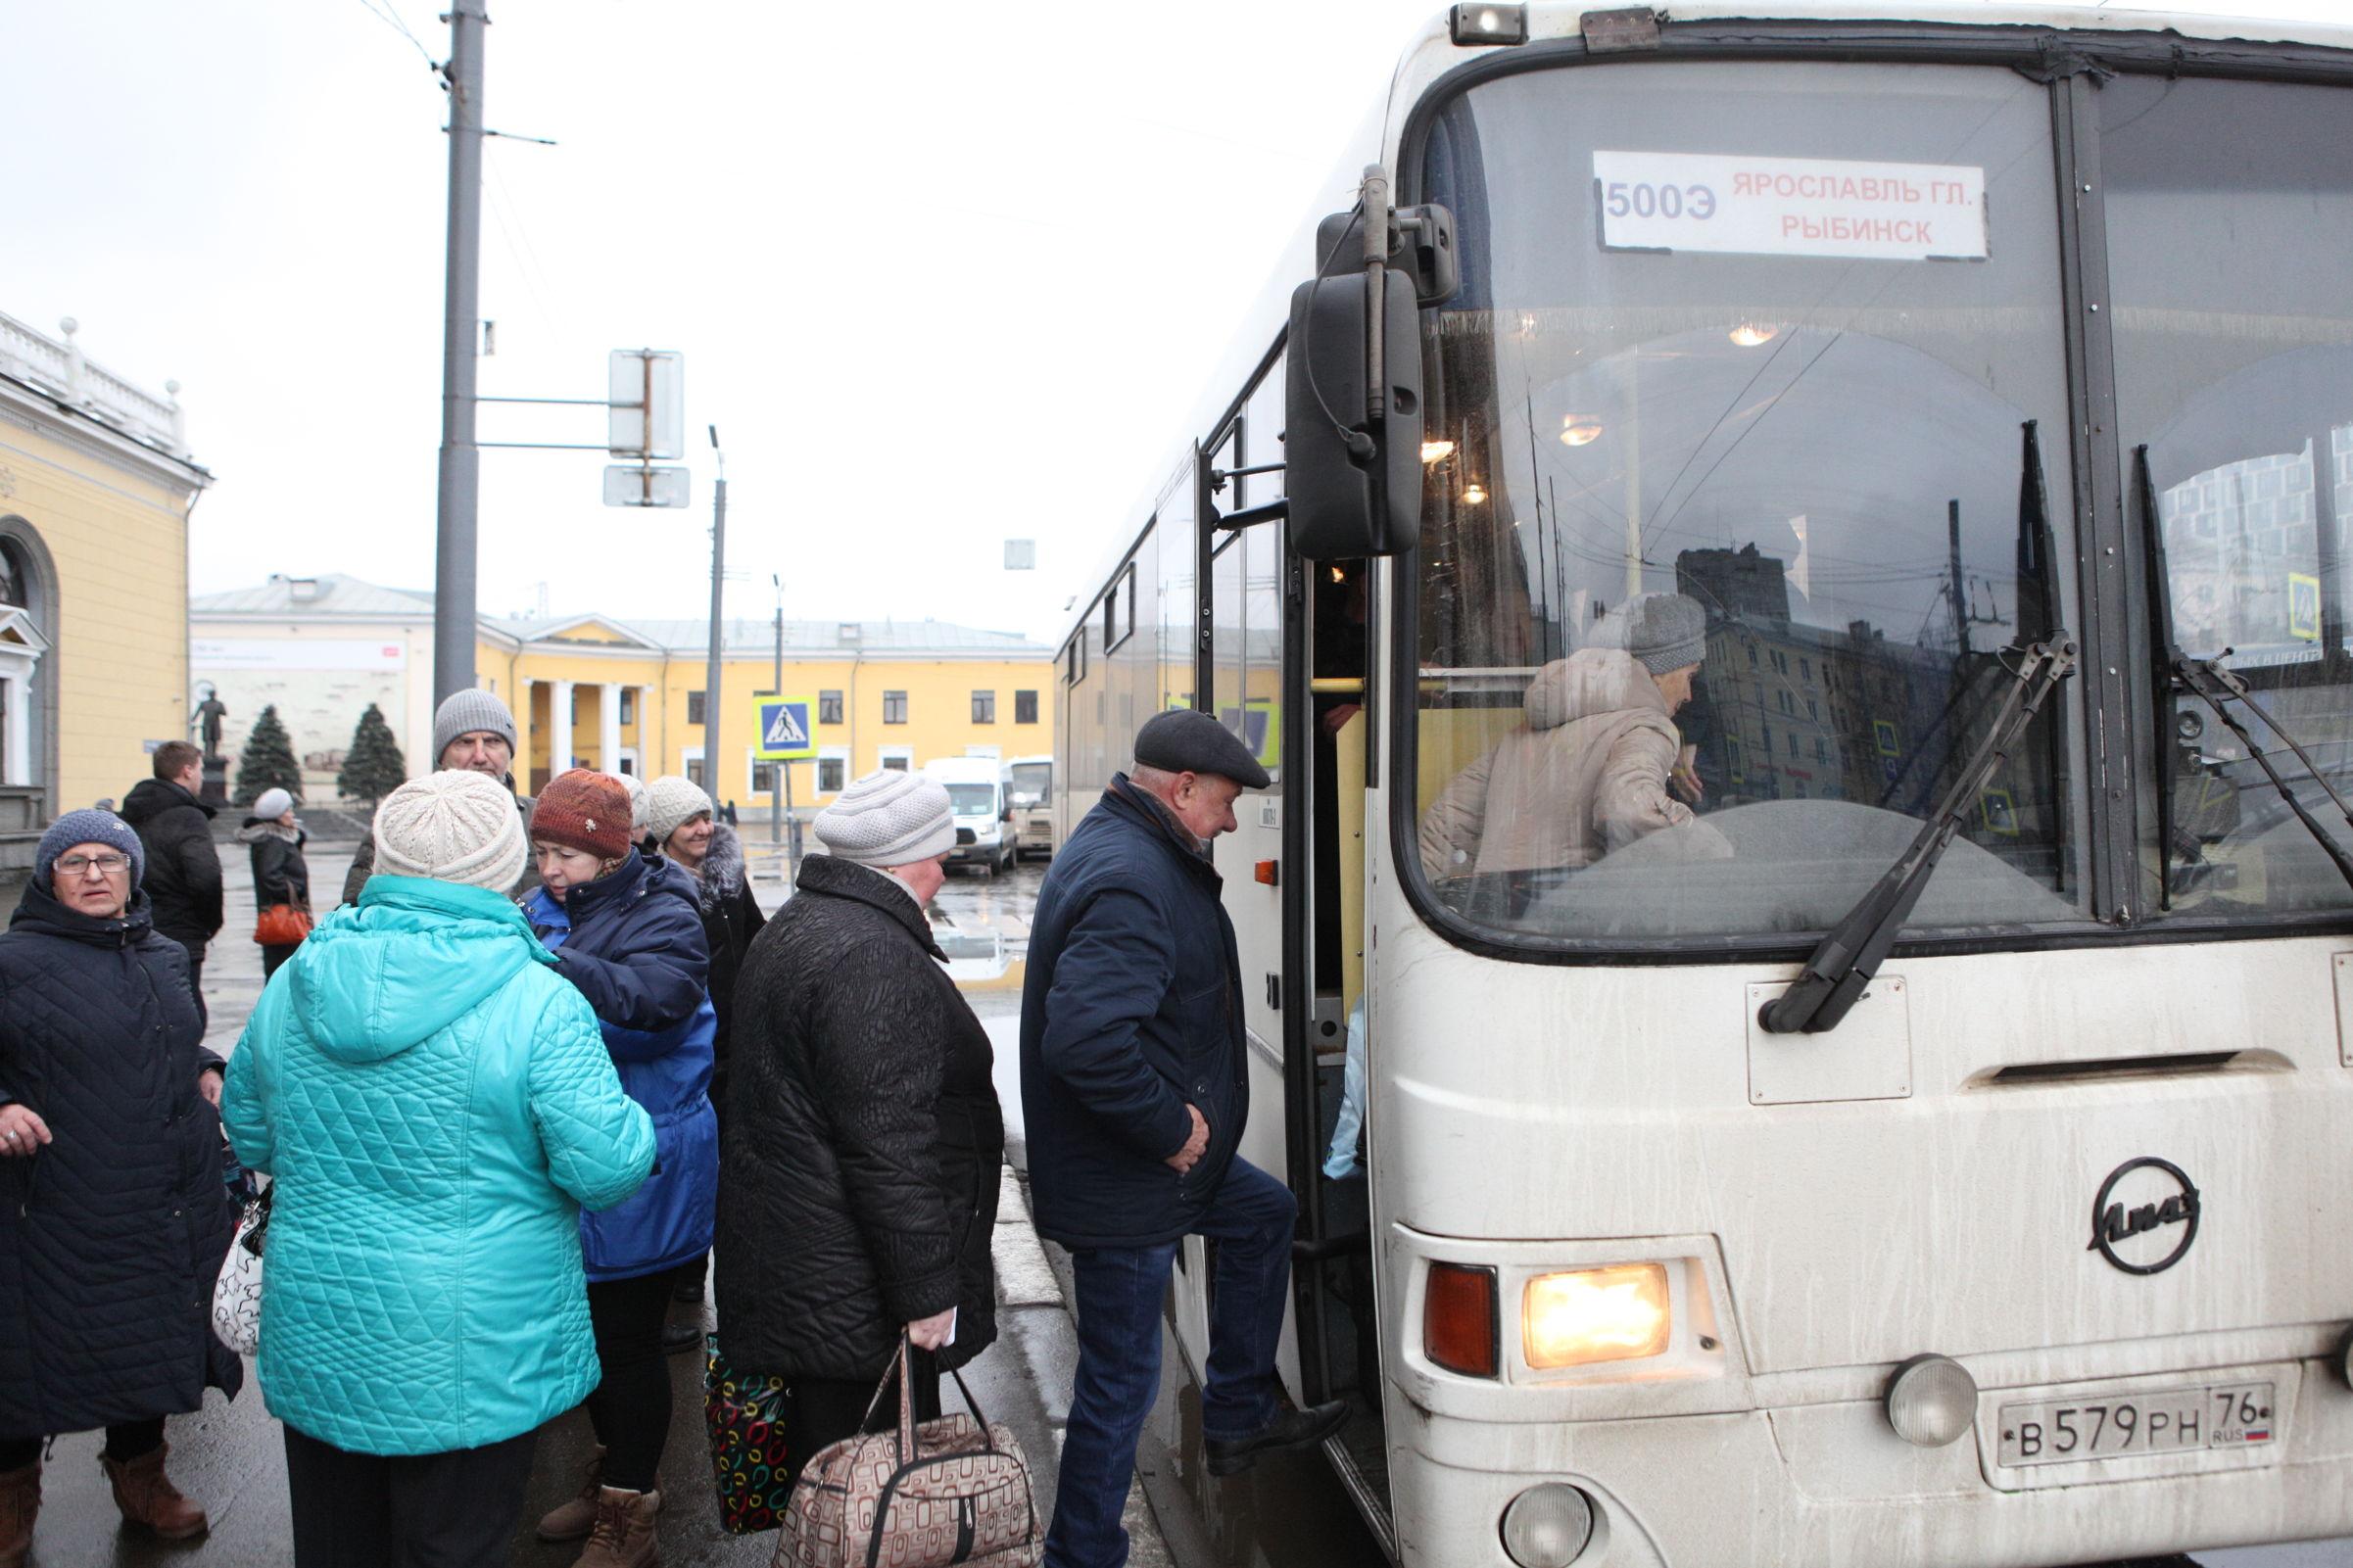 Ездить будем по-новому. В Ярославской области внедрят новую схему движения автобусов